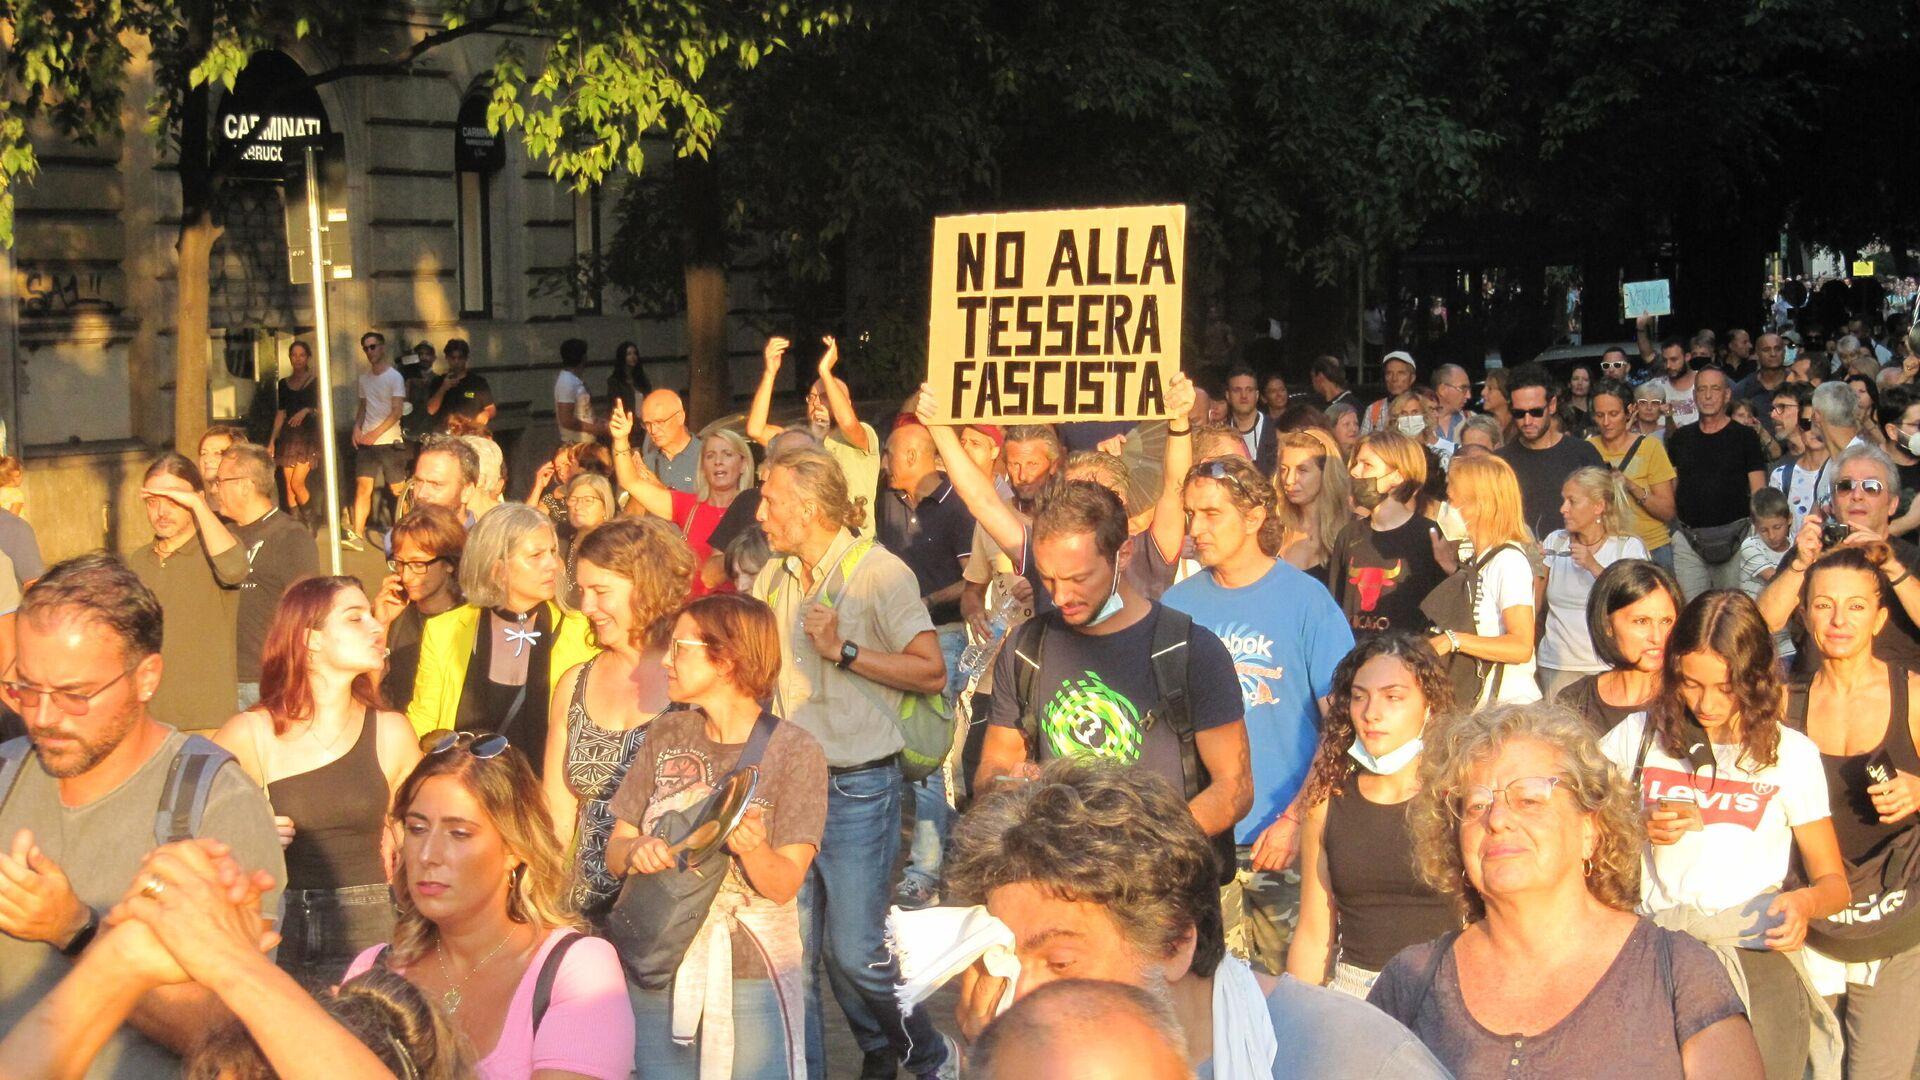 Milano manifestazione contro il Green Pass - Sputnik Italia, 1920, 25.09.2021